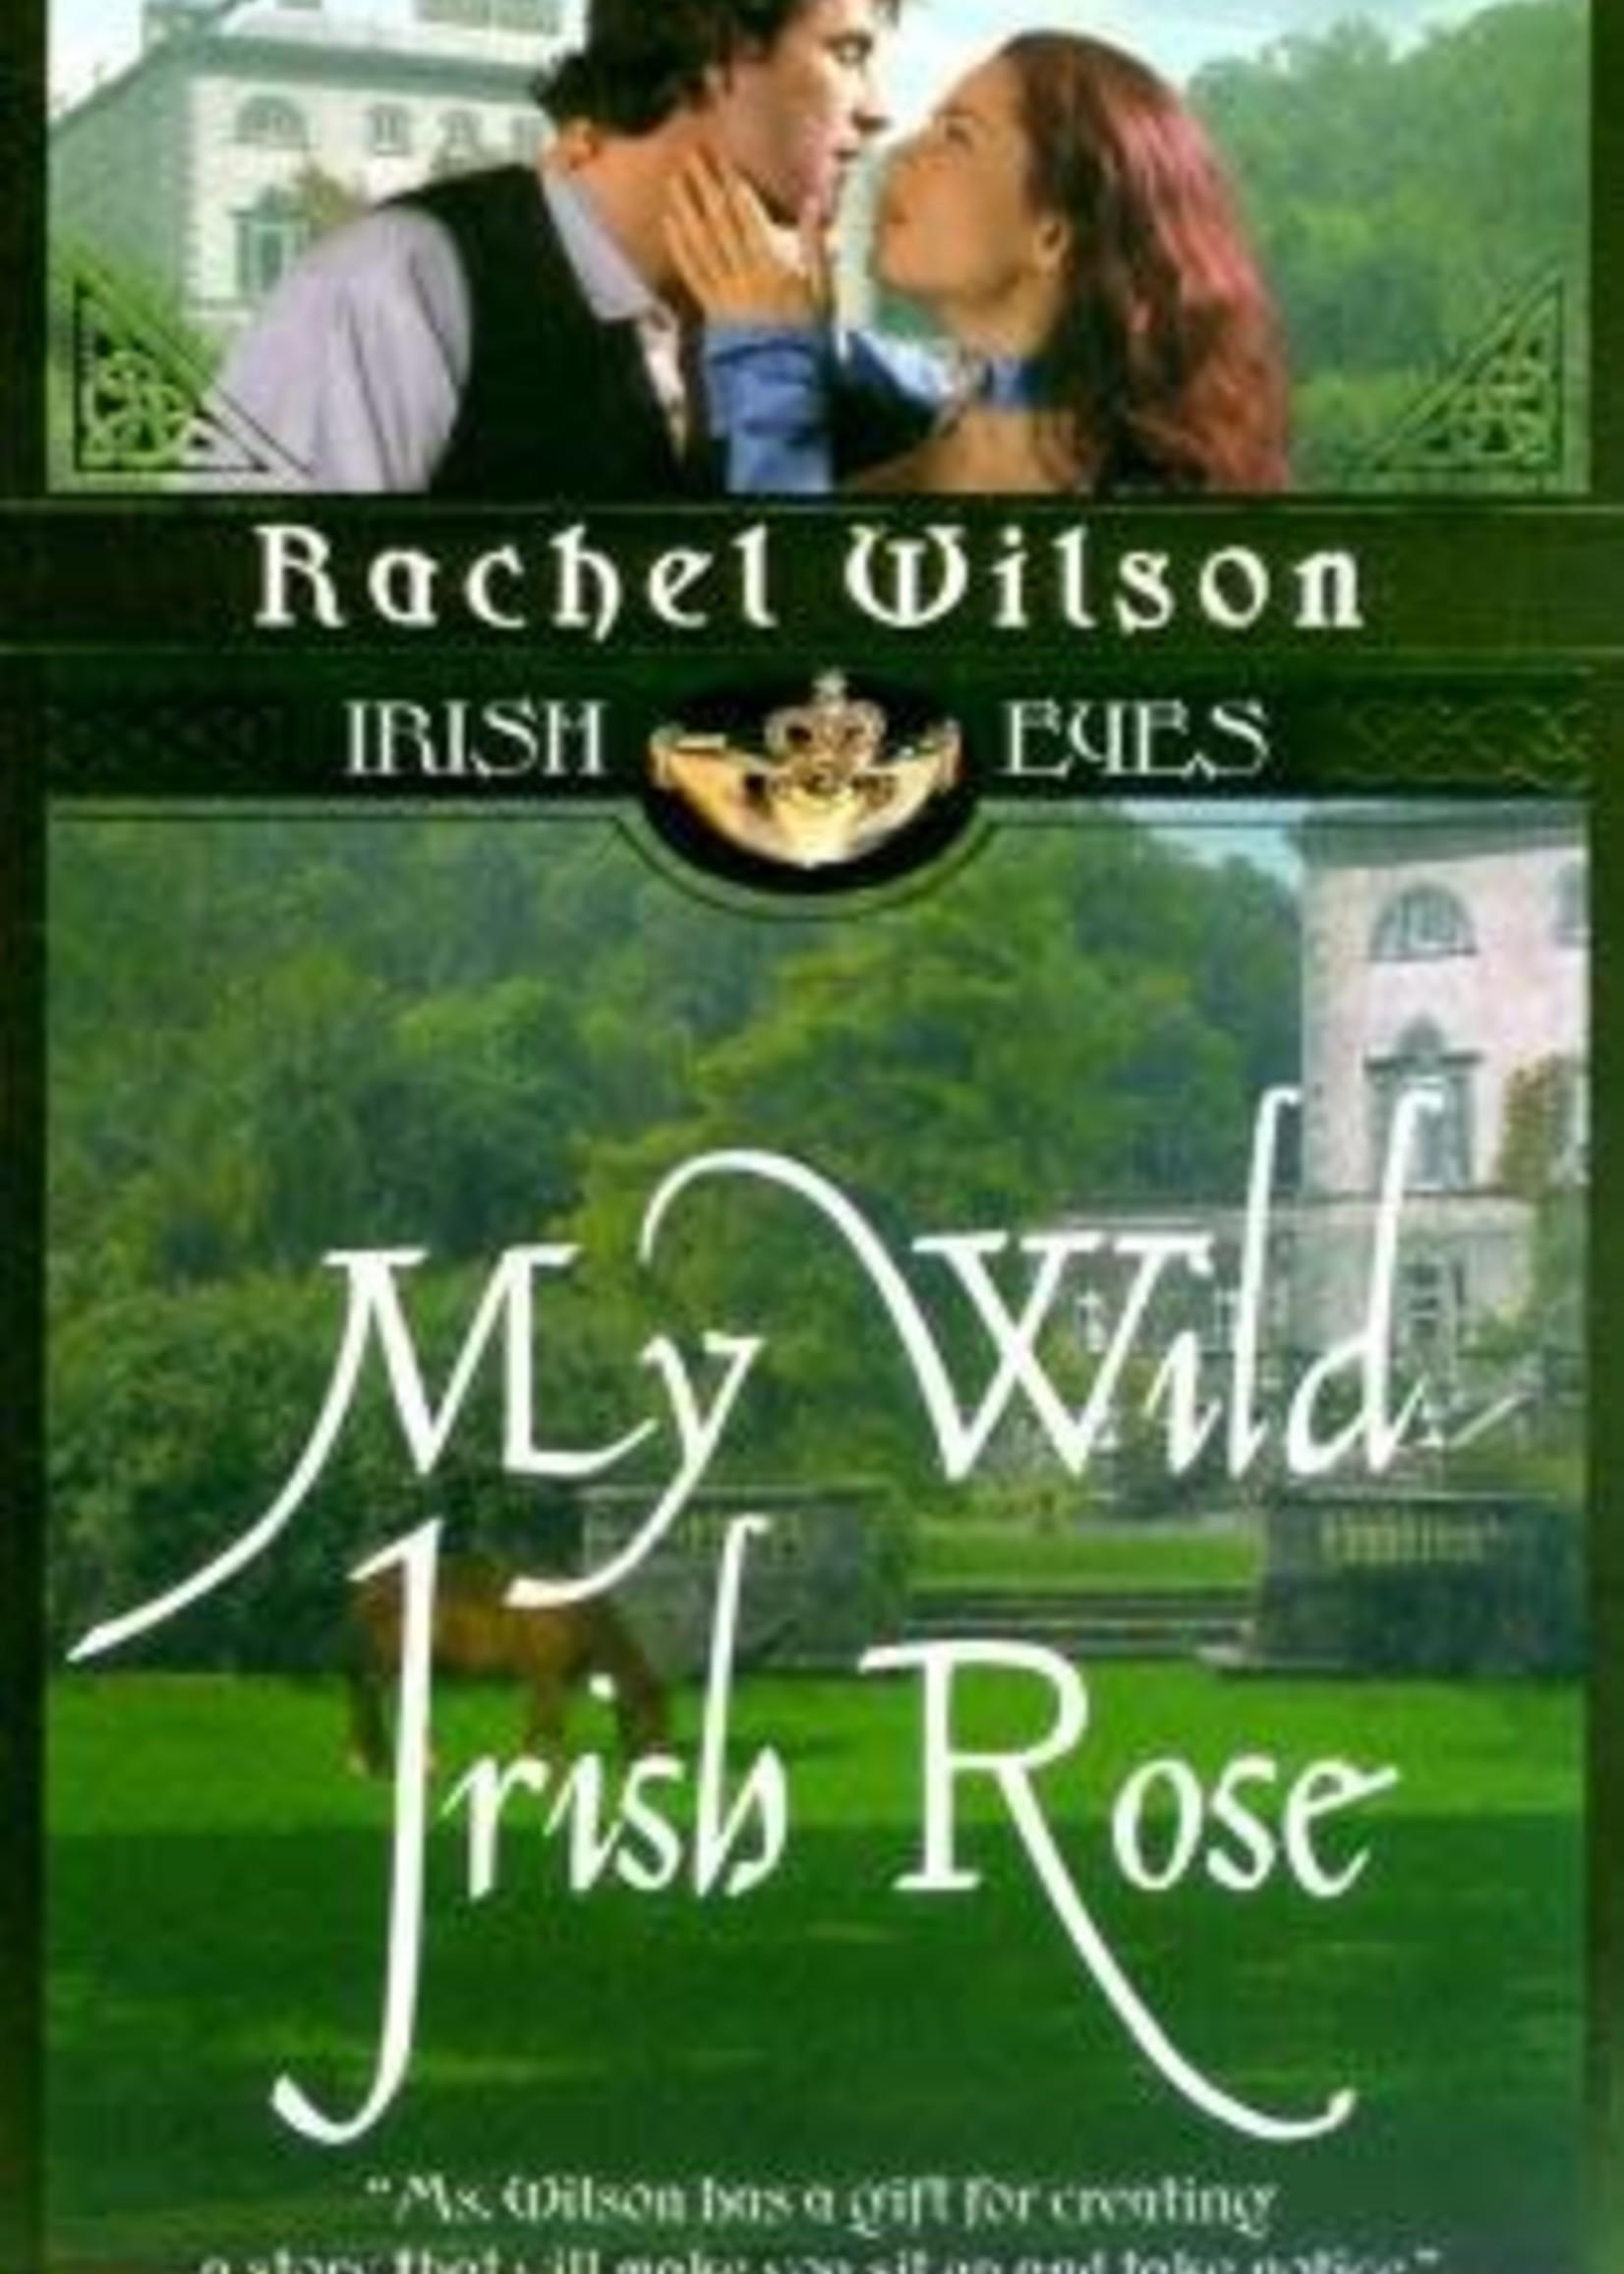 USED - My Wild Irish Rose by Rachel Wilson